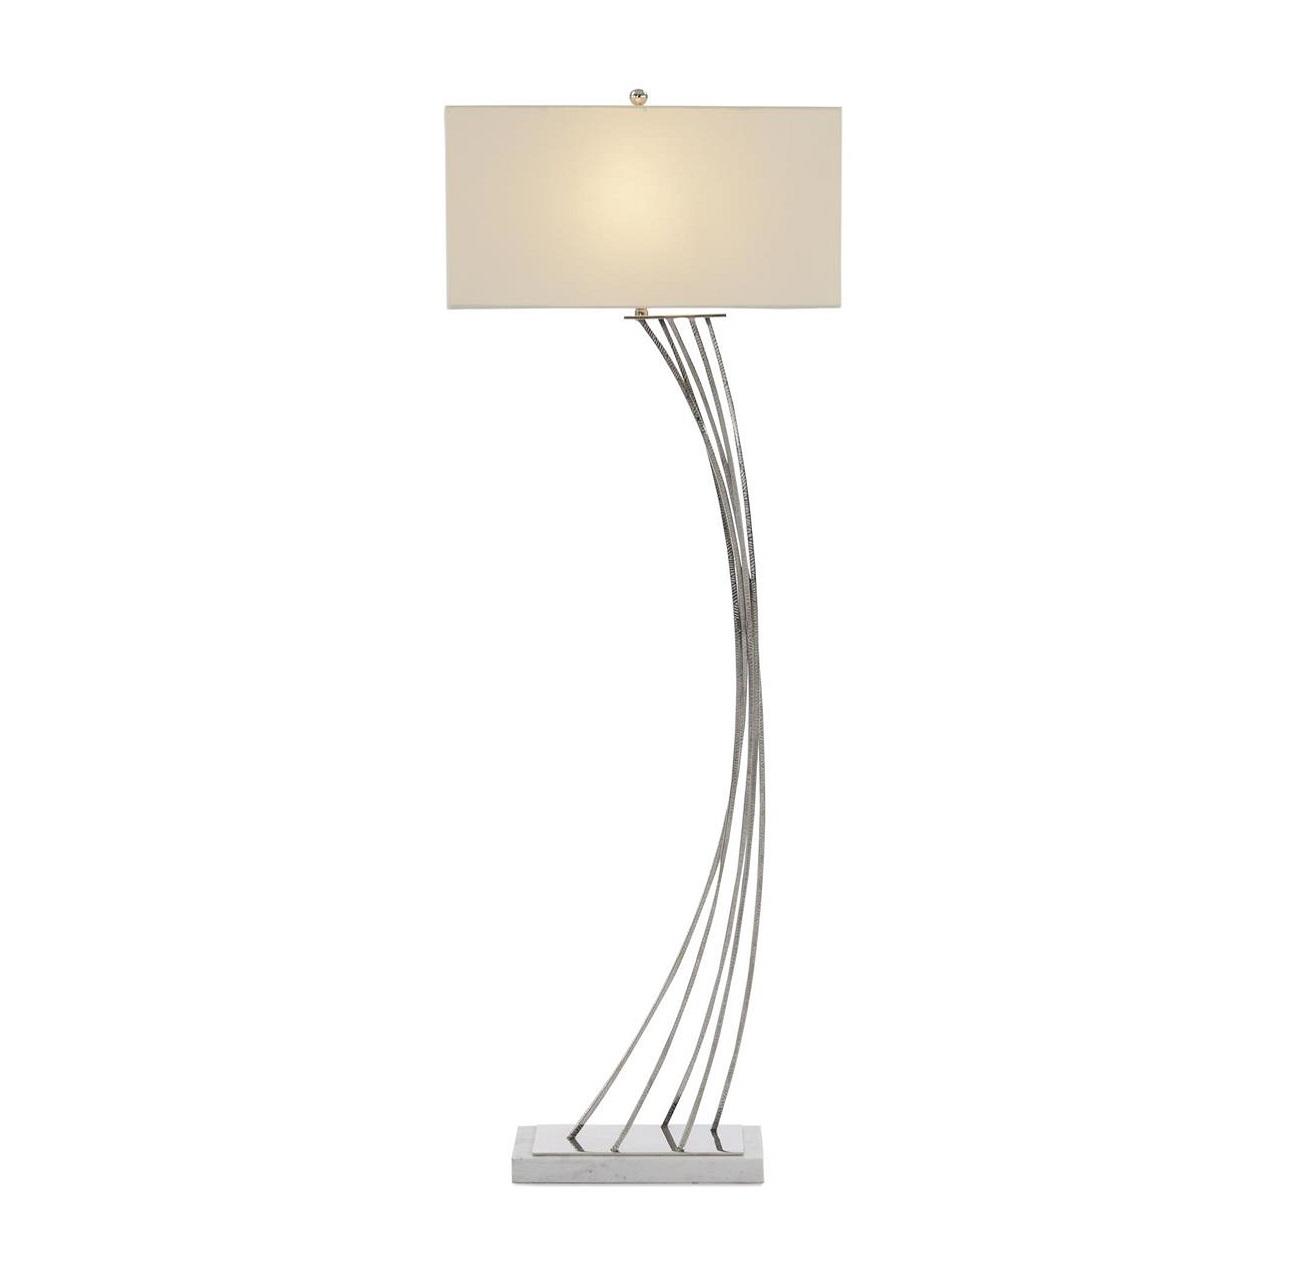 Cambered Nickel Floor Lamp, John Richard Floor Lamp, Brooklyn, New York, Furniture y ABD